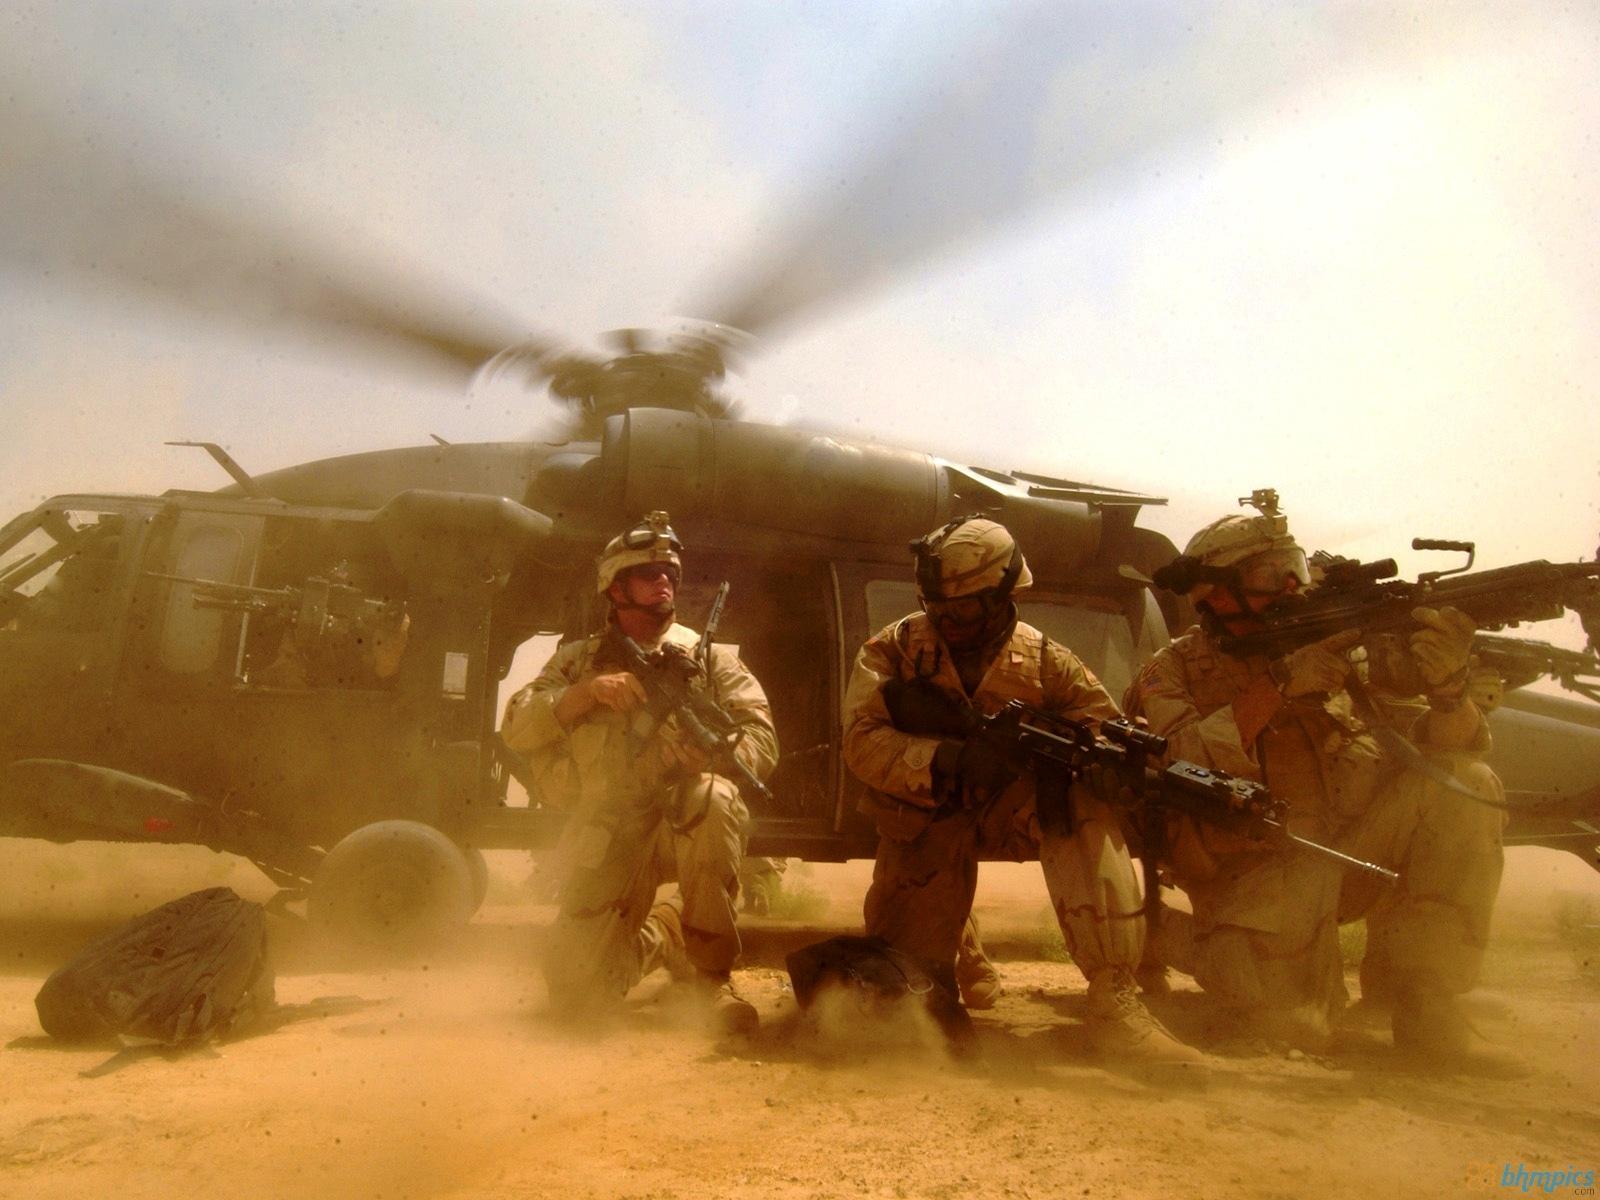 http://3.bp.blogspot.com/-Qm-Bq7IIuAE/TzJXKRgoxoI/AAAAAAAAAqA/SUsGHI9GH3Y/s1600/iraq_afghanistan_war_us_soldier-1600x1200.jpg